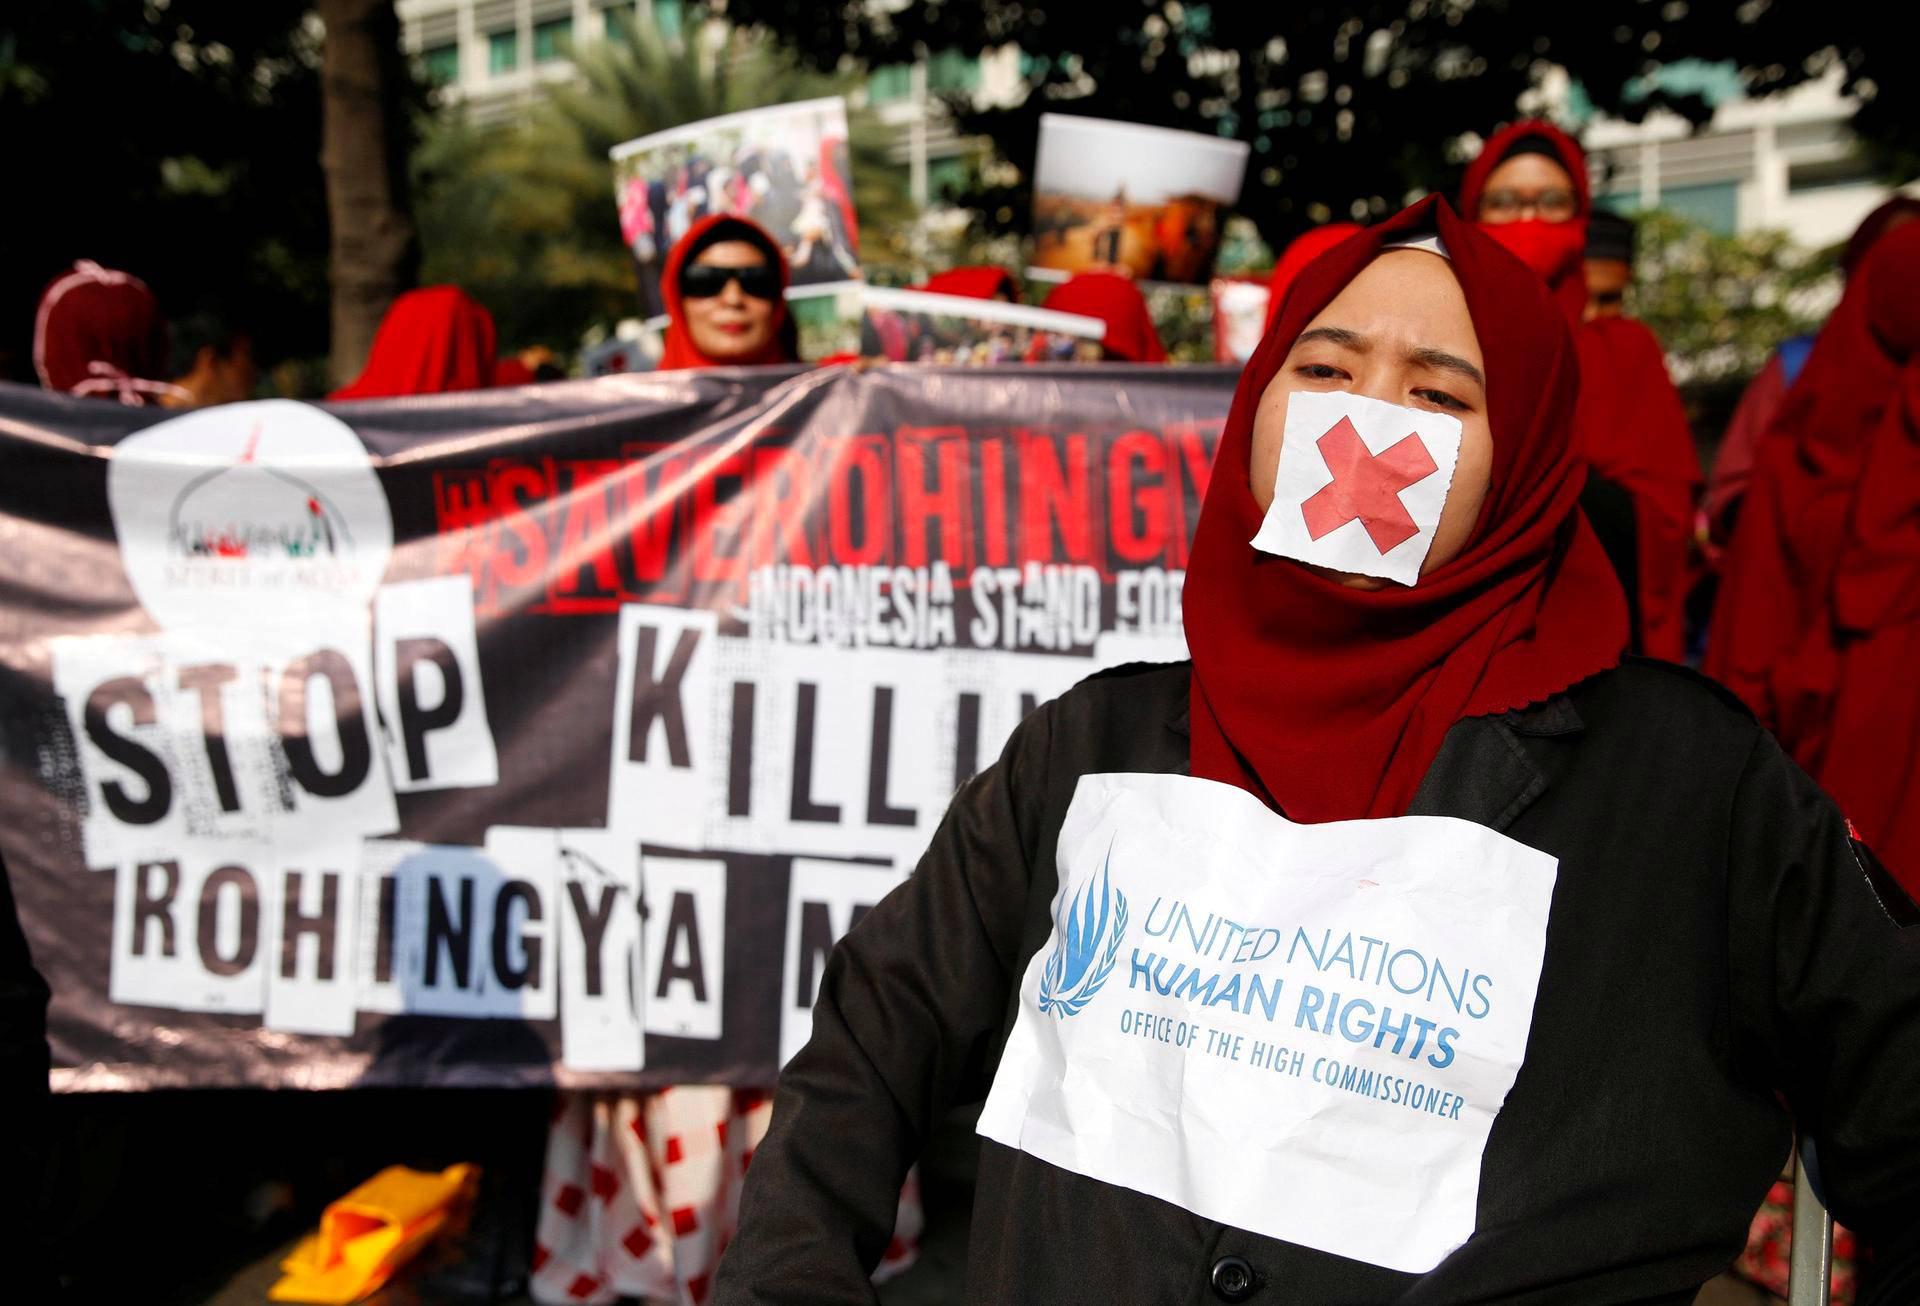 Naisia marssimassa rohingya-muslimeja tukevassa mielenosoituksessa Indonesian pääkaupunki Jakartassa sunnuntaina.